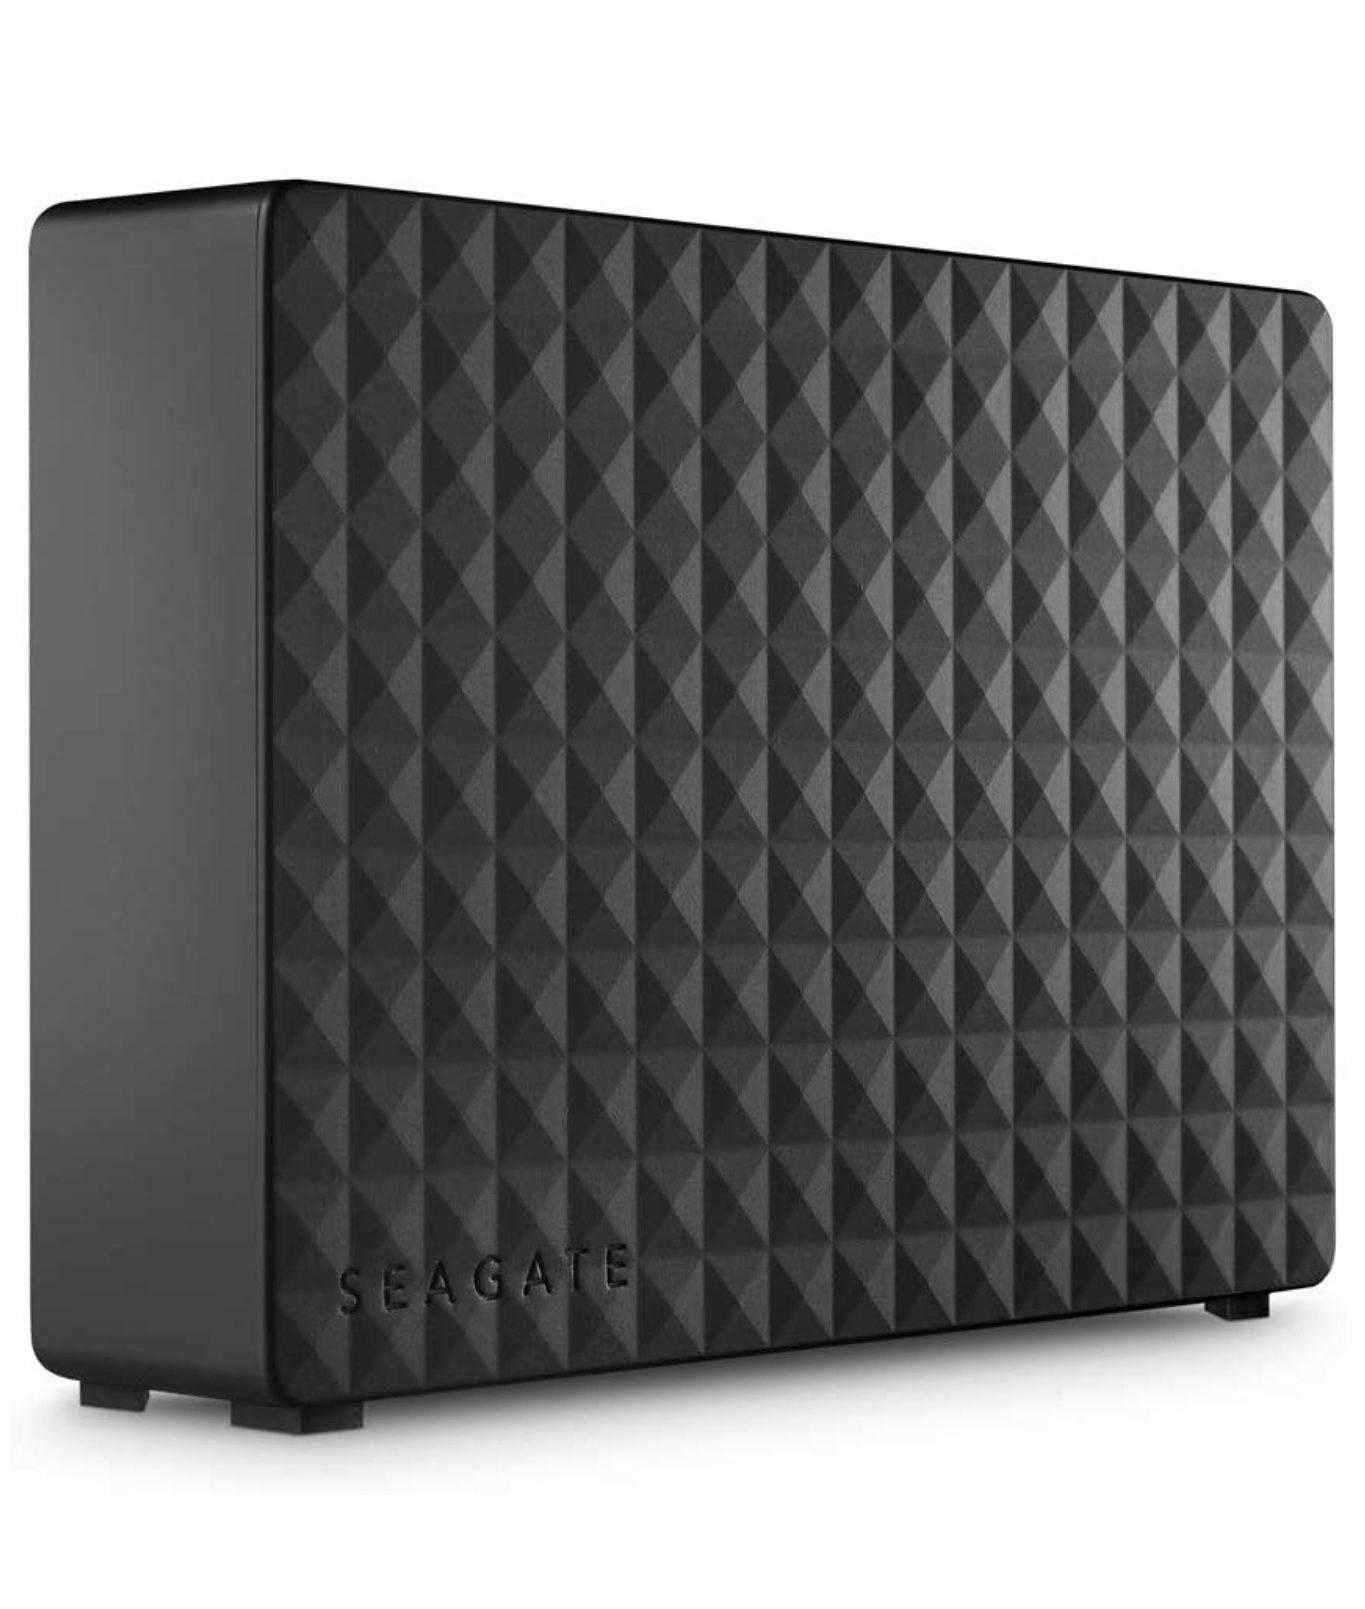 Seagate Expansion Desktop V2 6TB